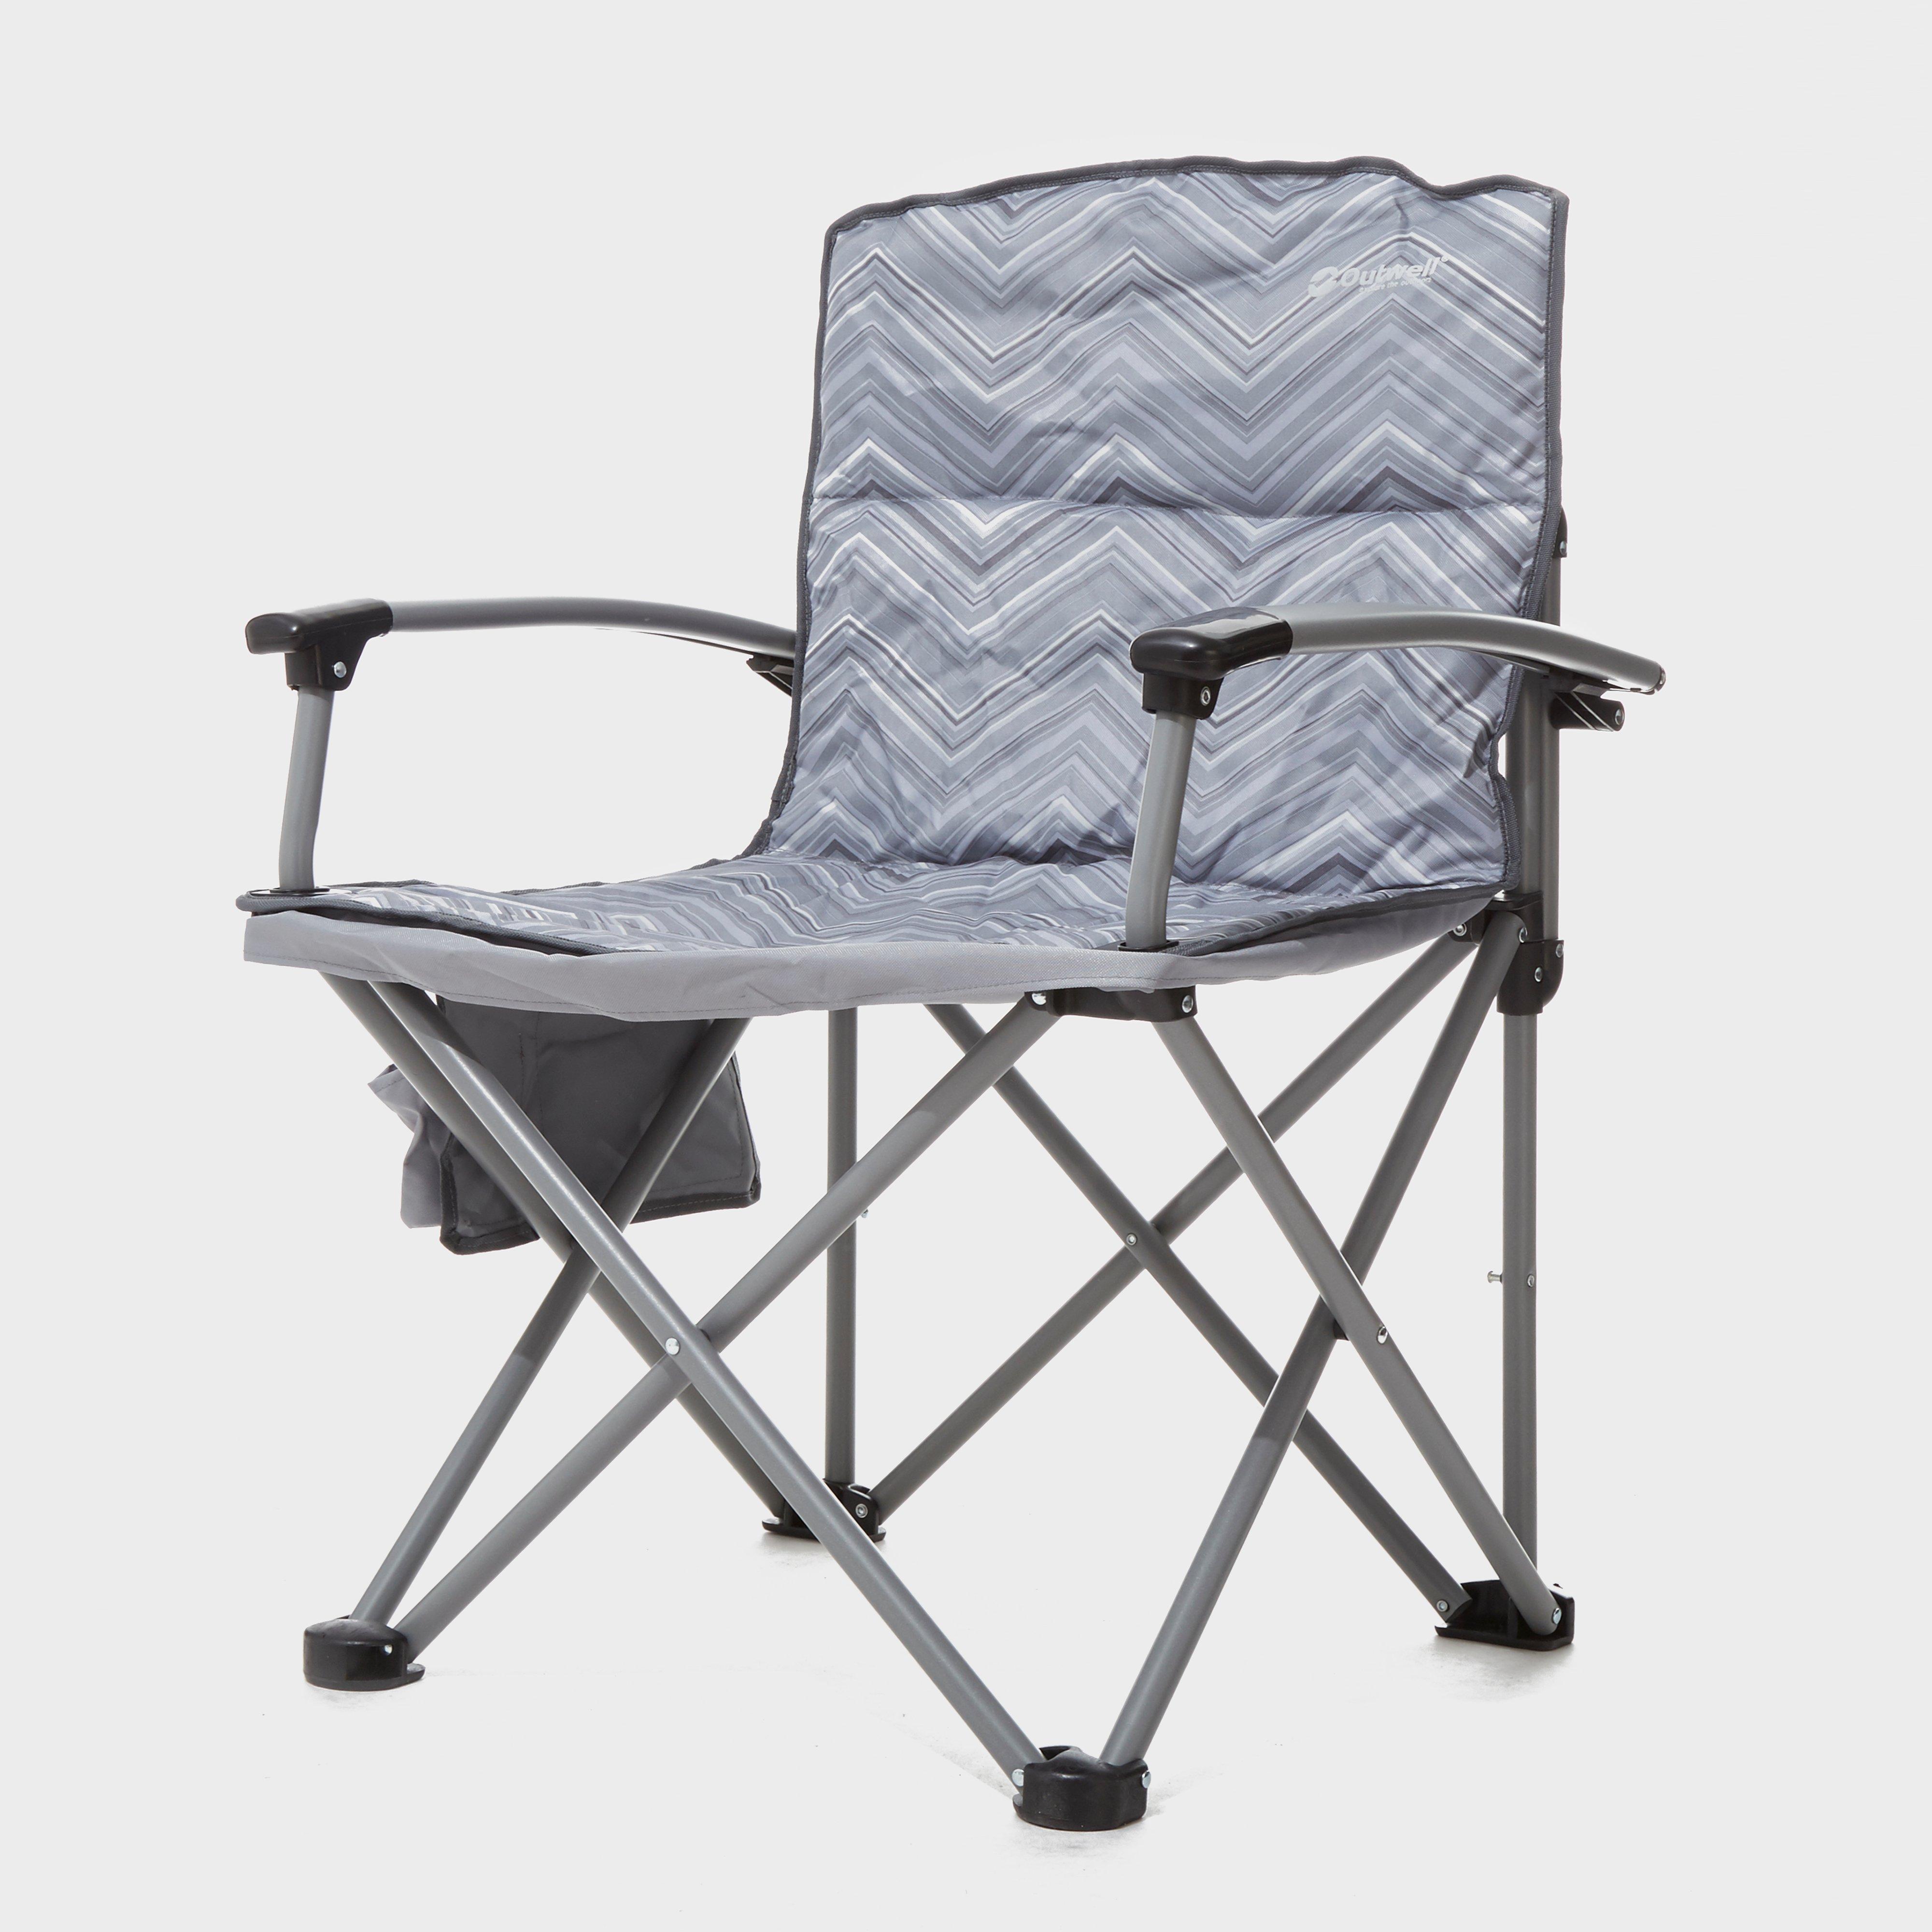 Camp Furniture Camping